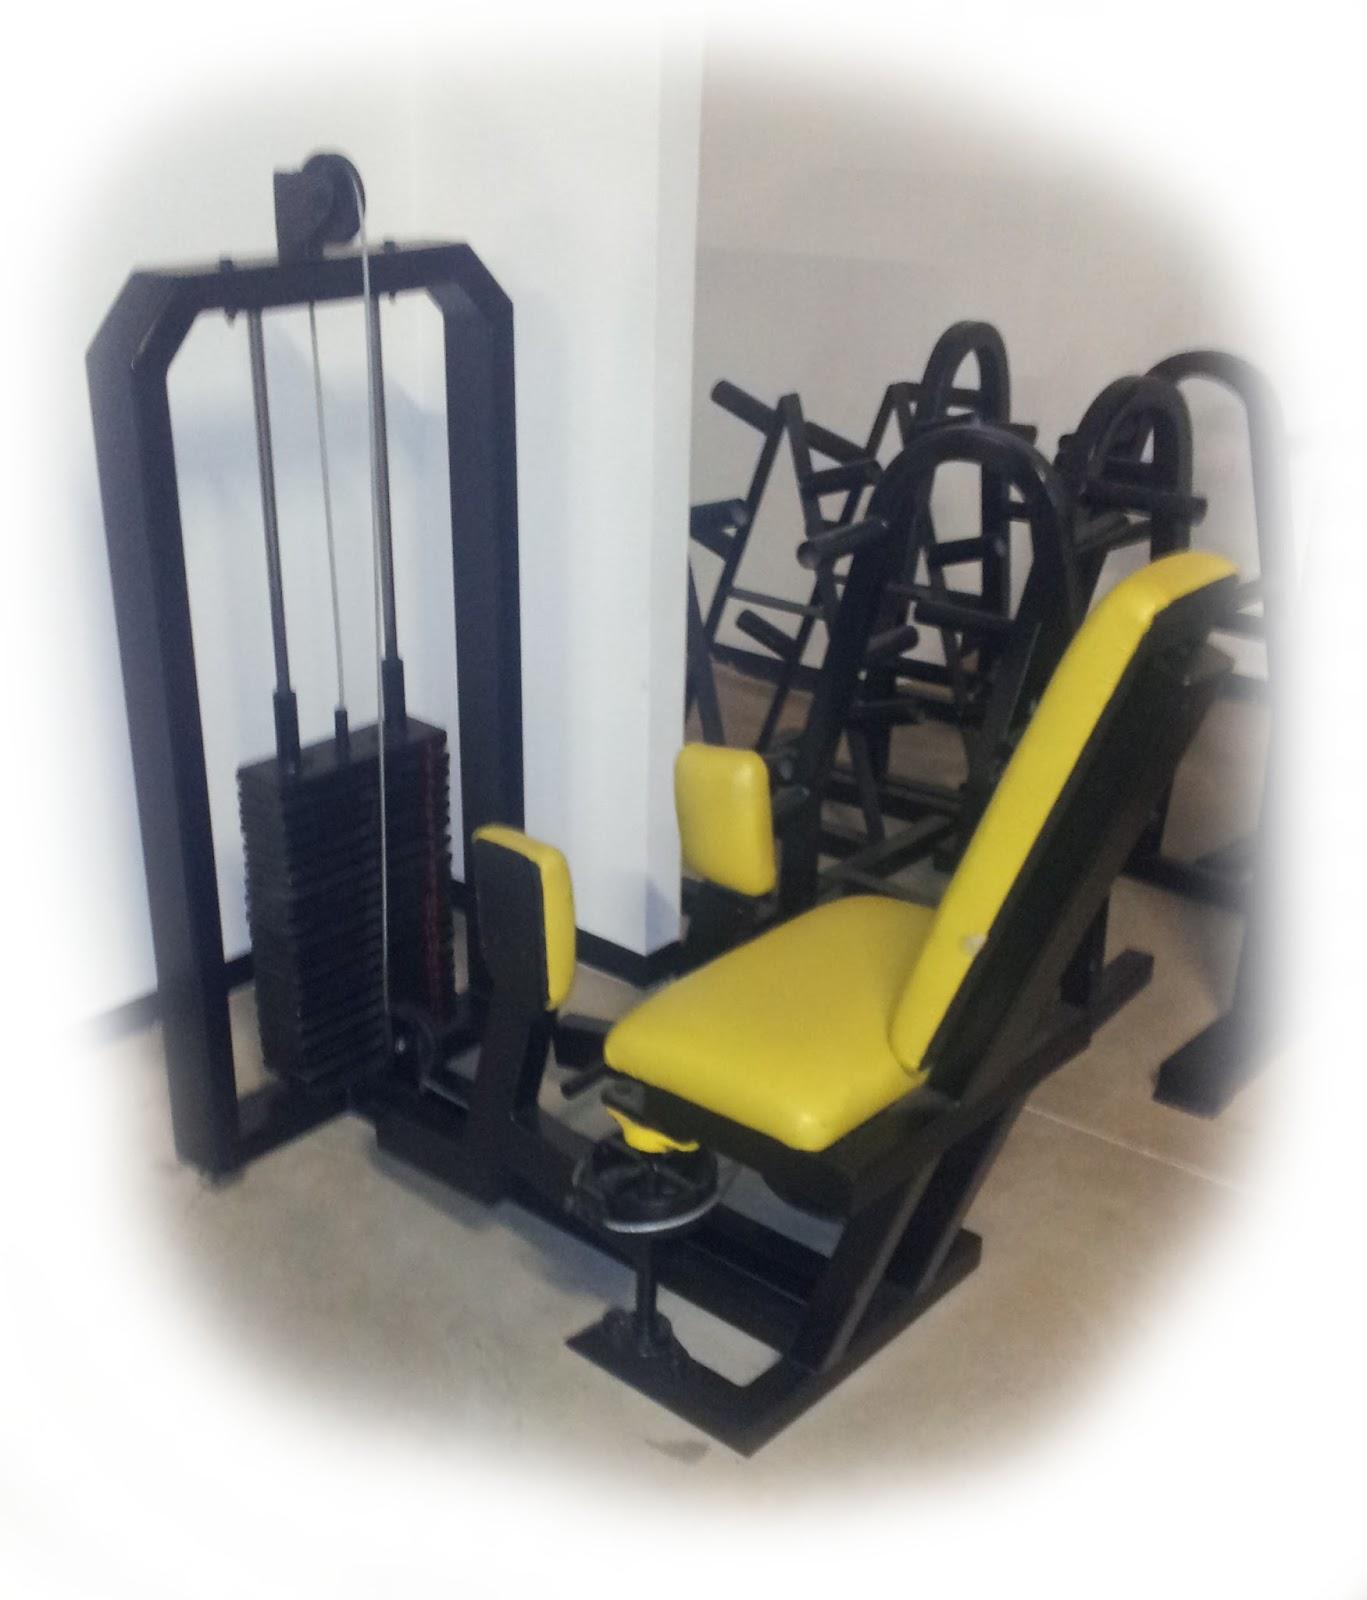 New body power system equipos de gimnasio equipos for Gimnasio 8 de octubre